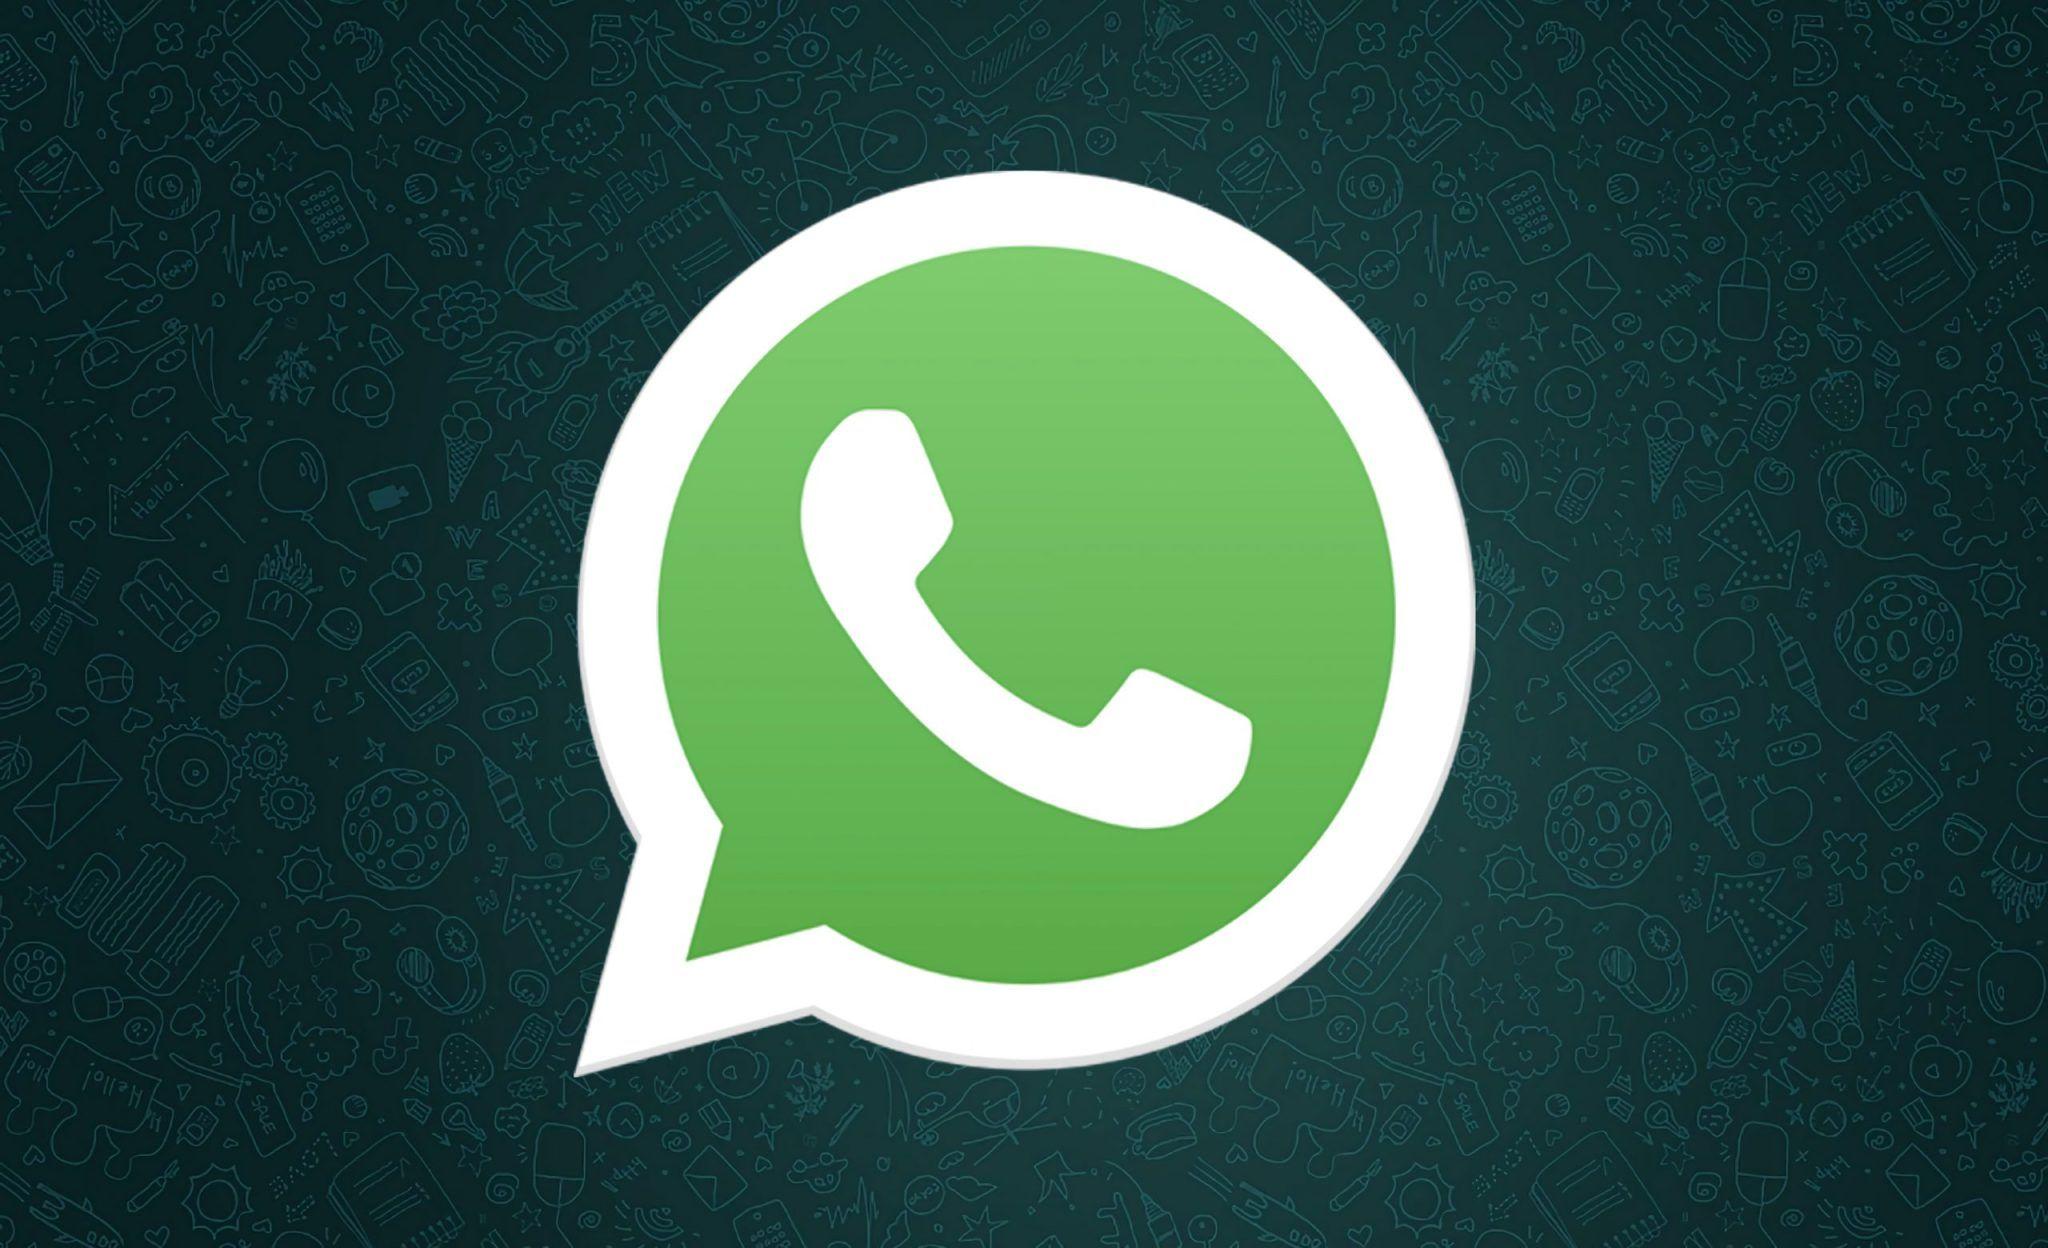 واتساپ روی قابلیت پخش پیامهای صوتی بدون نیاز به باز بودن چت کار میکند